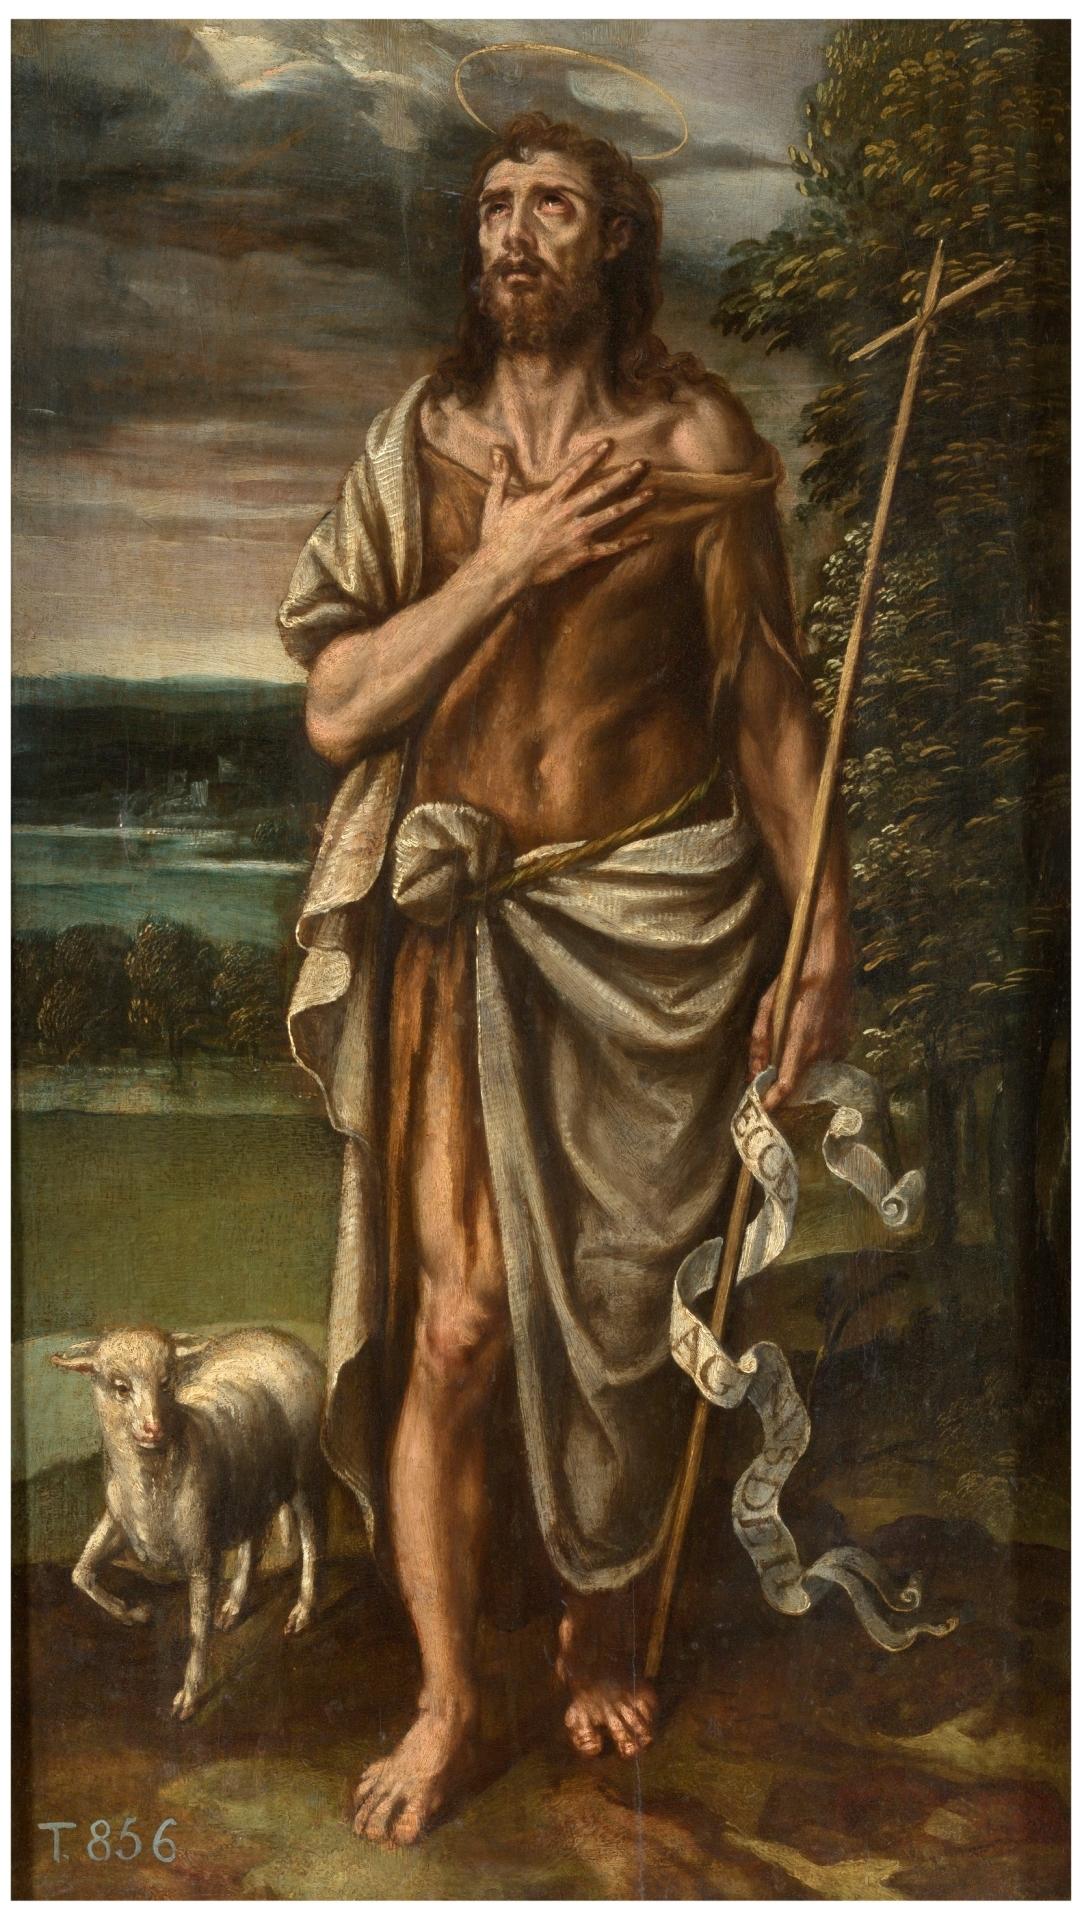 San Juan Bautista - Colección - Museo Nacional del Prado